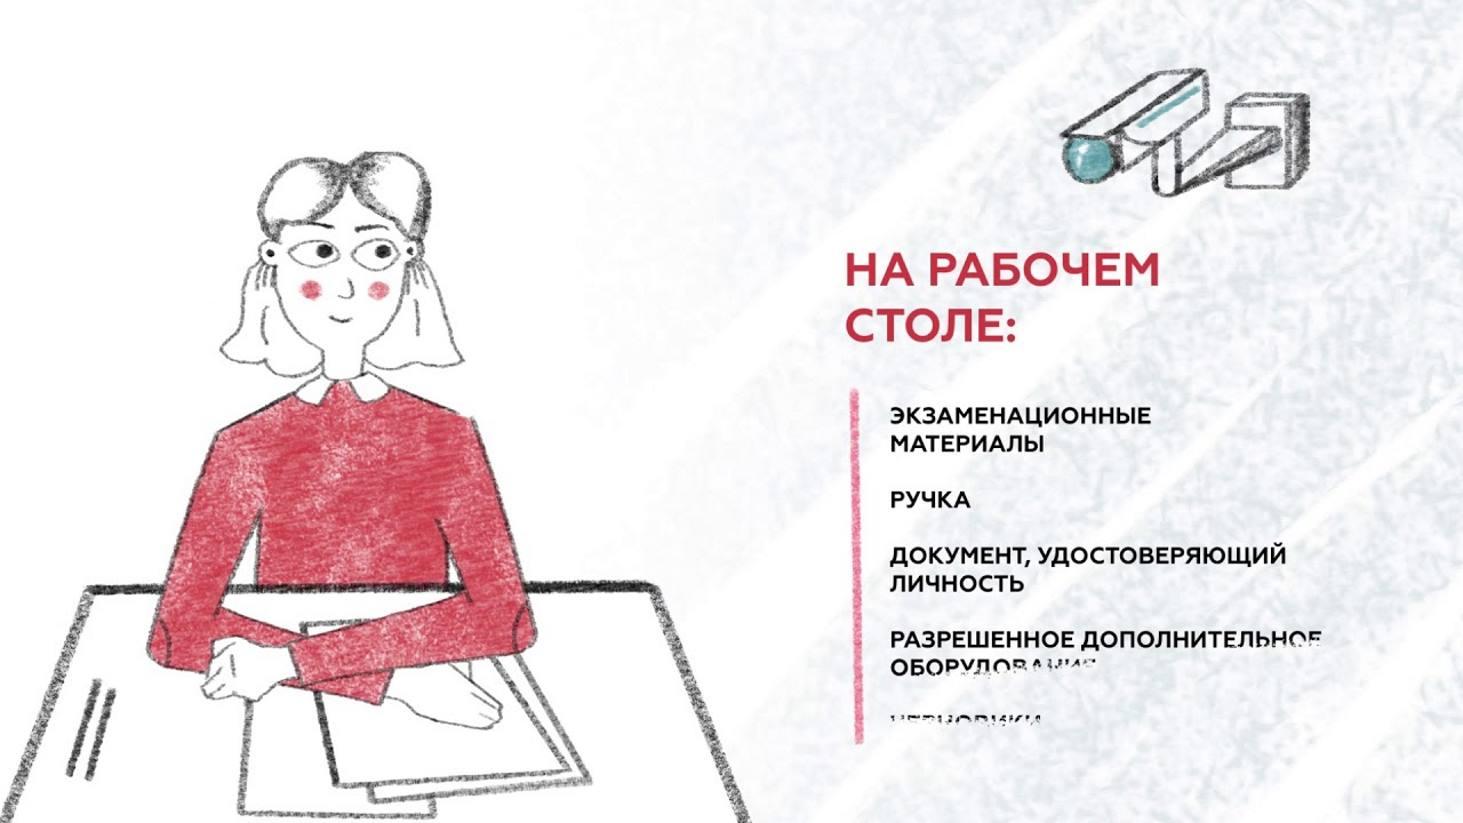 rosobrnadzor-vypustil-multfilmy-o-ege